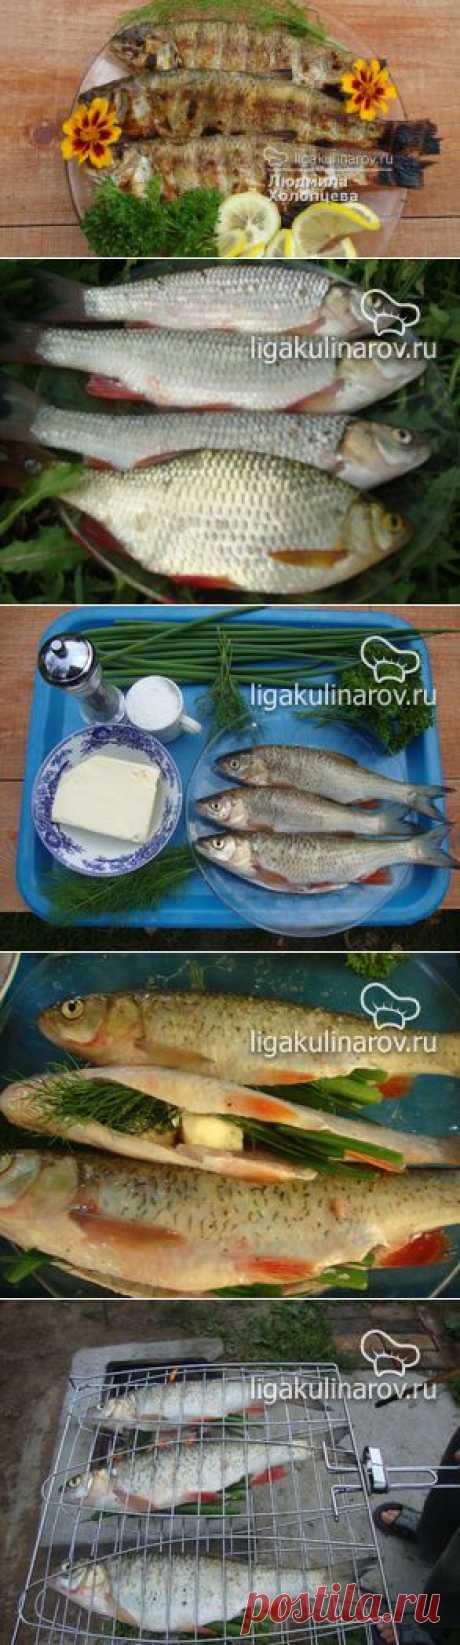 Рыба, приготовленная на углях – рецепт с фото от Лиги Кулинаров, пошаговый рецепт